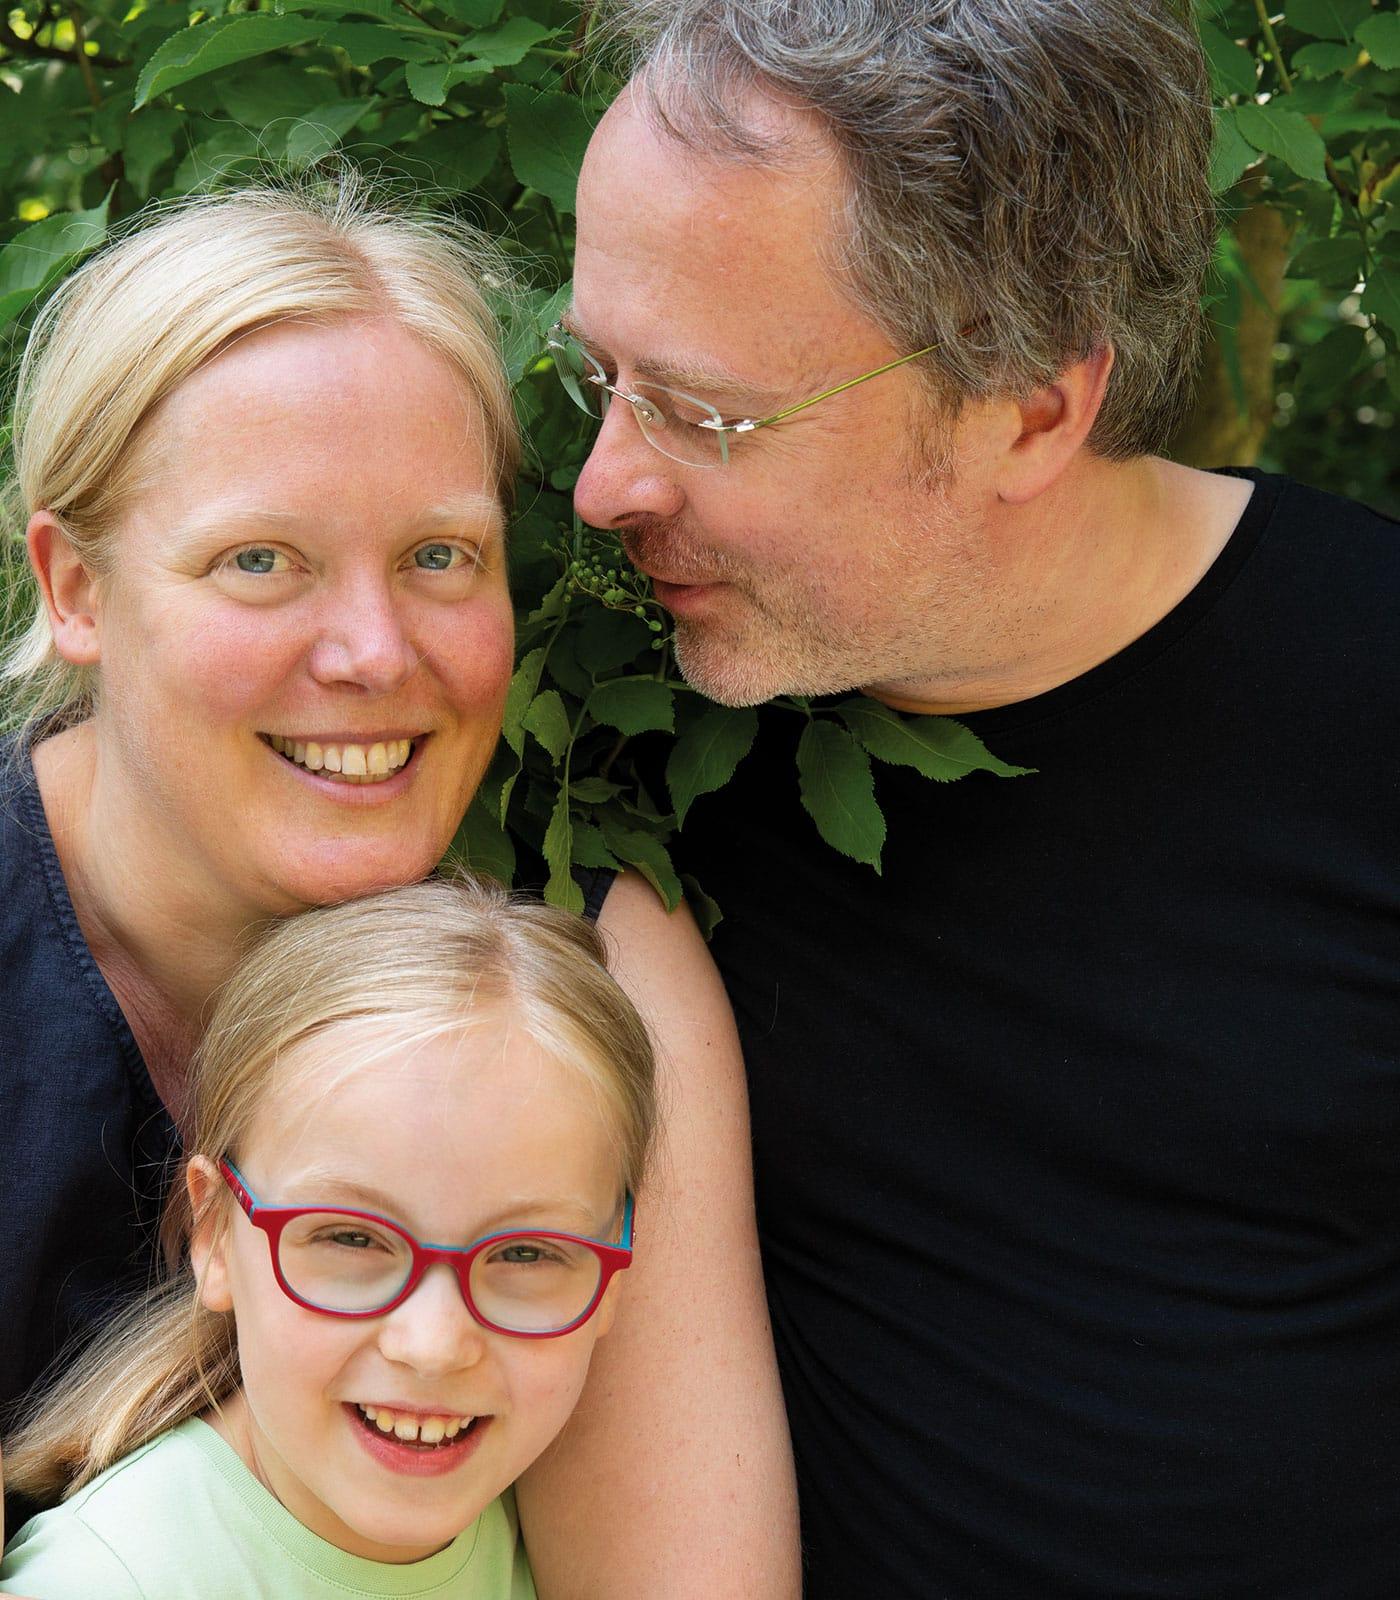 Kinder engagieren sich für Klimaschutz: Edna und ihre Familie // HIMBEER